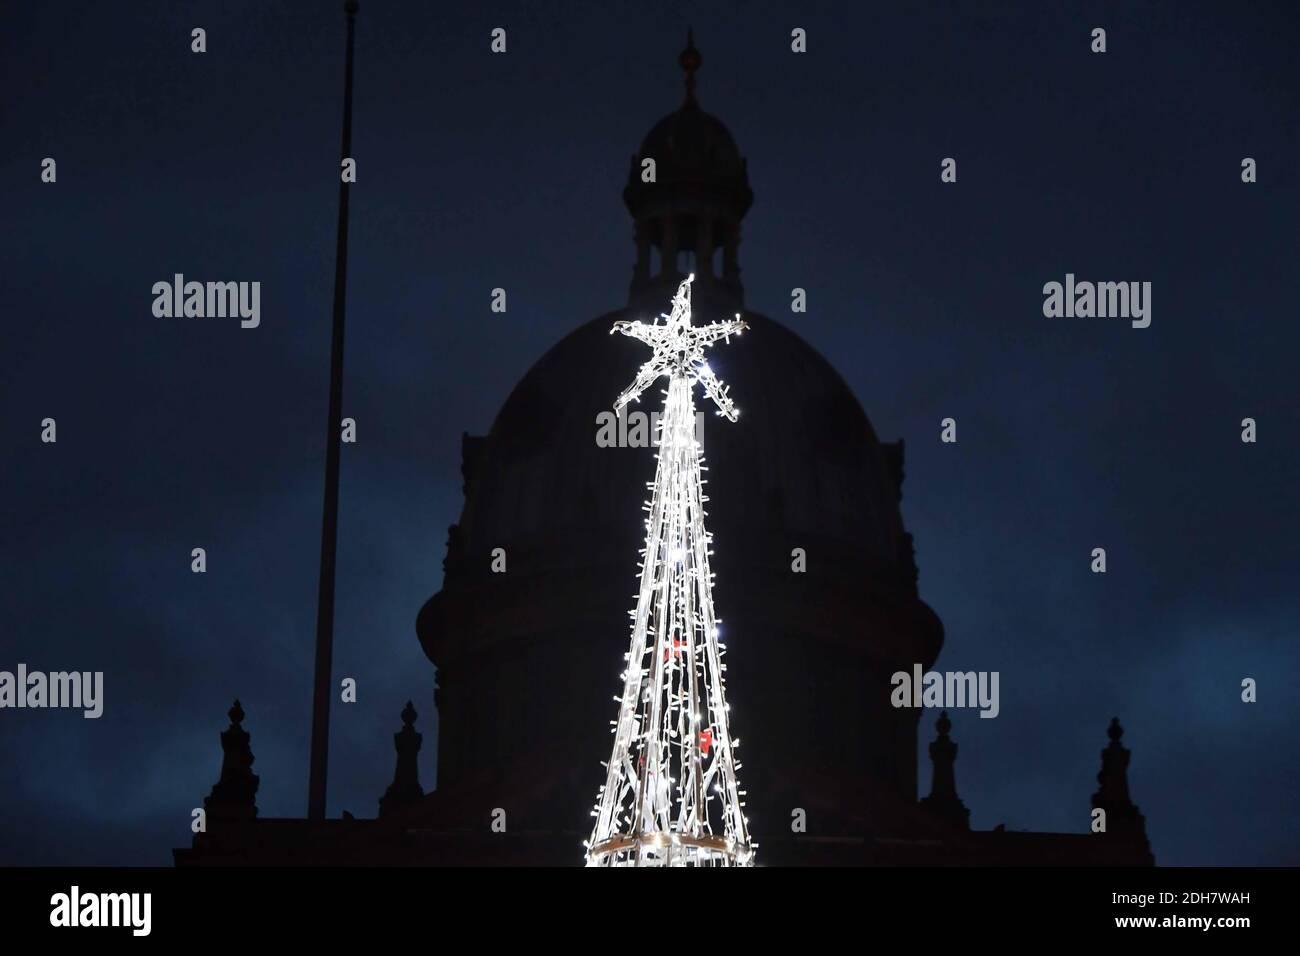 Im Bild Birmingham Weihnachtslichter sind eingeschaltet für die kommende Weihnachtszeit in New Street und Victoria Square, Donnerstag 12. November 2020. Stockfoto